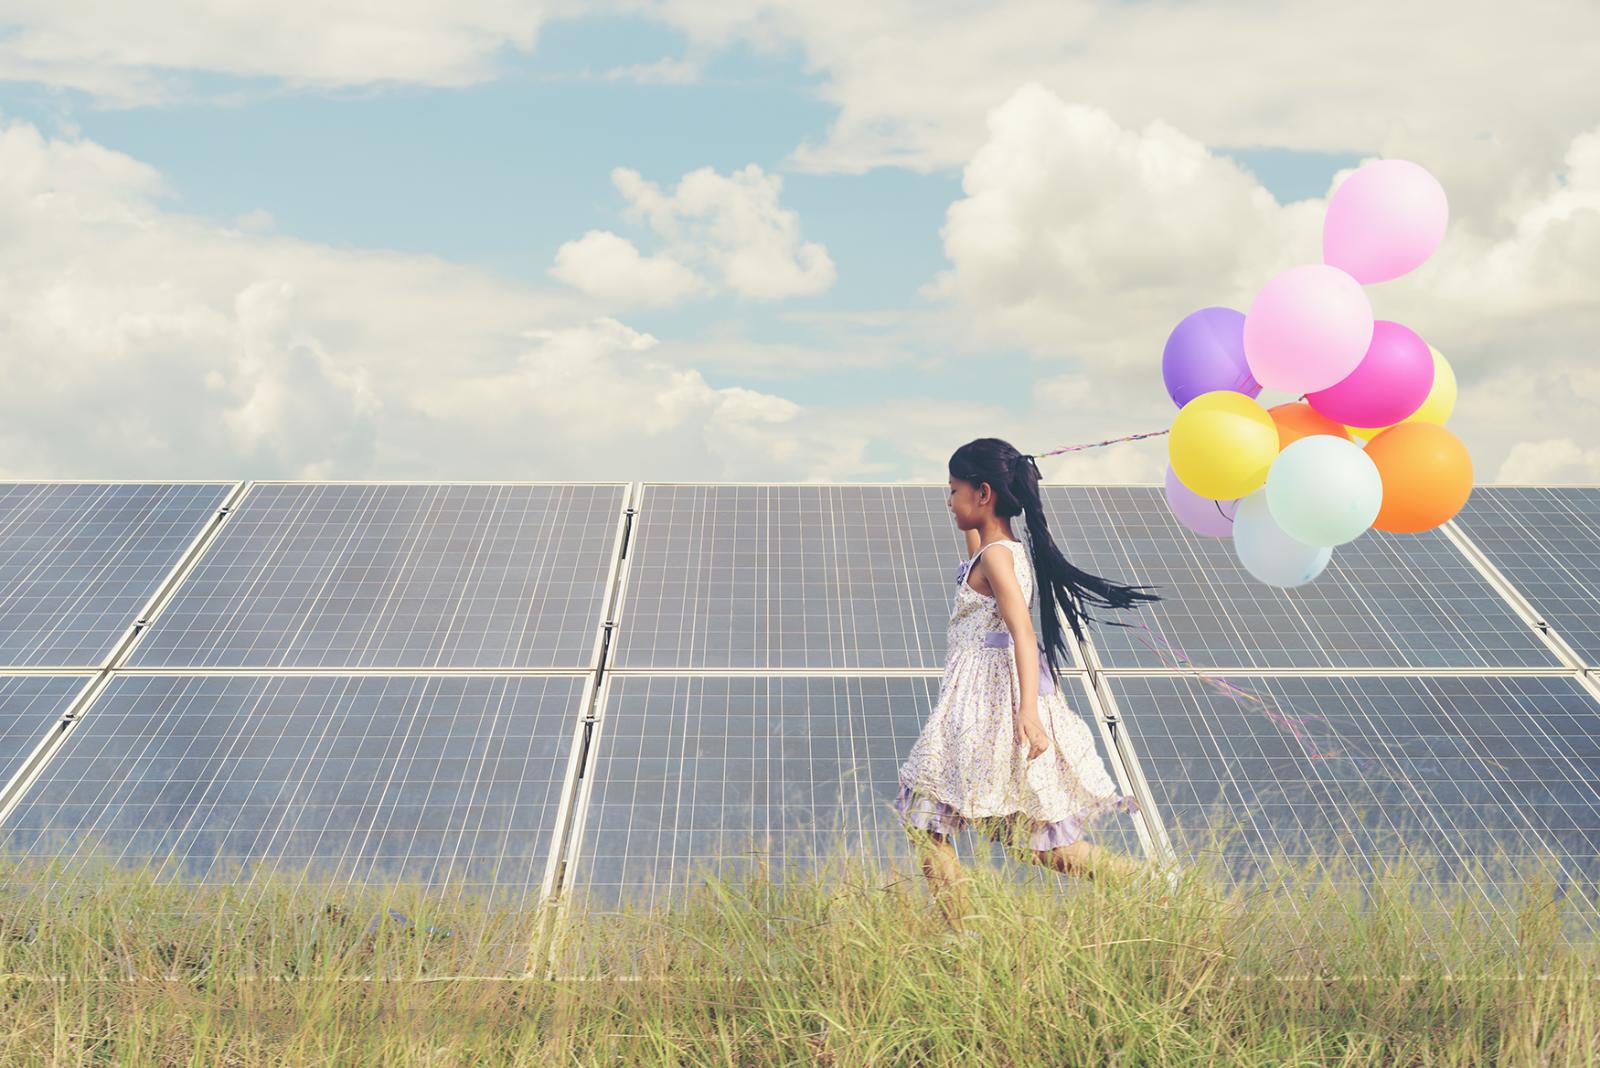 Kleines Mädchen läuft über die Wiese in der Hand bunte Luftballons im Hintergrund Solarpannels